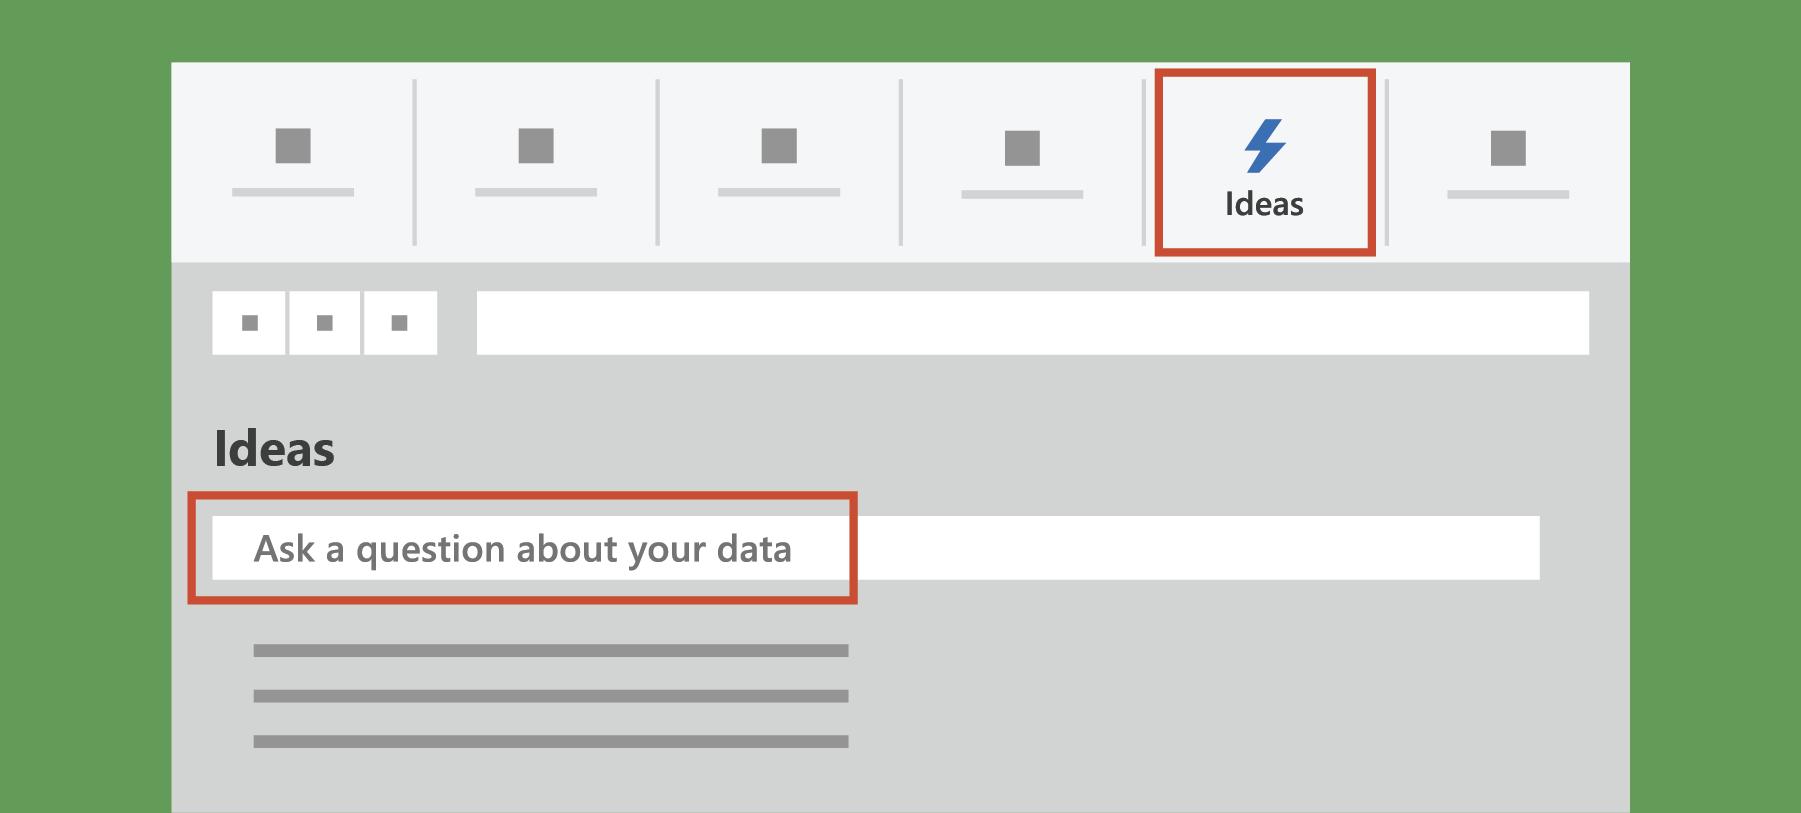 Prikazuje ideje u programu Excel